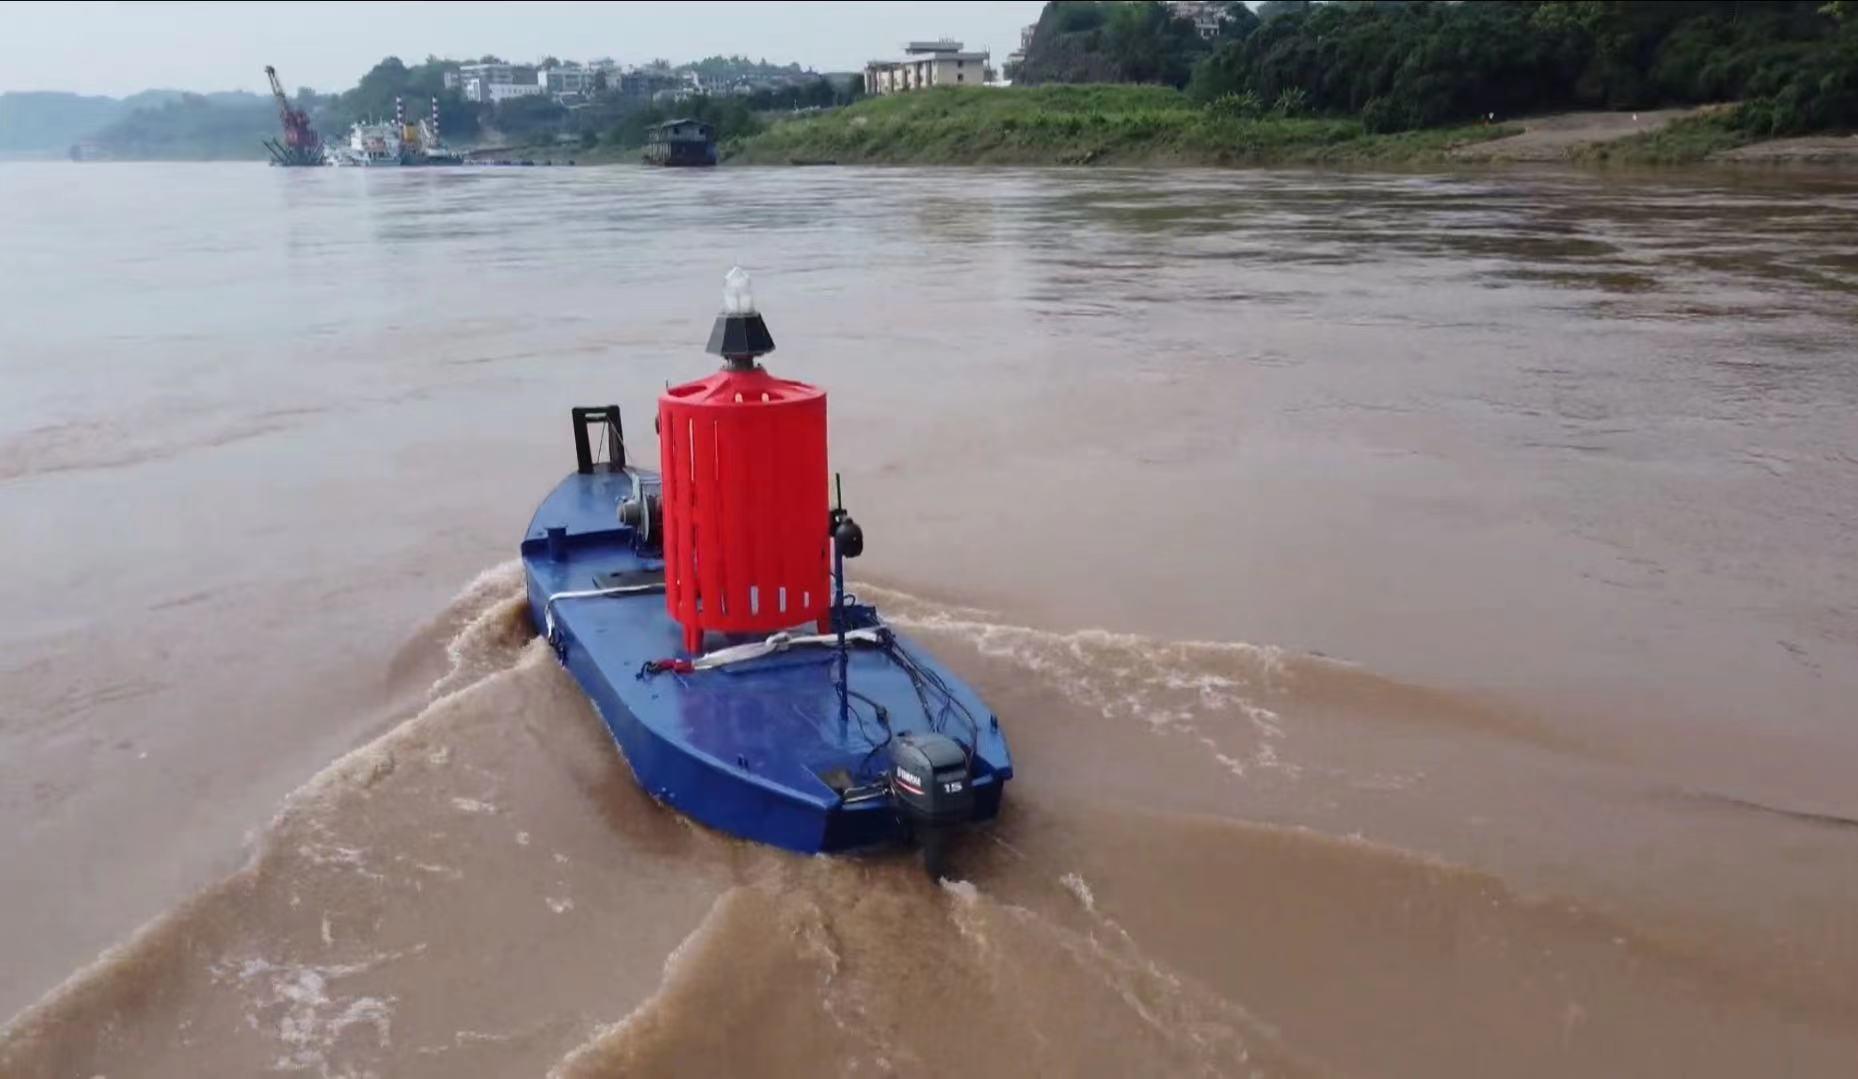 自主航行、自主定位、自主抛锚…国内首座自航式航标在四川泸州正式投用